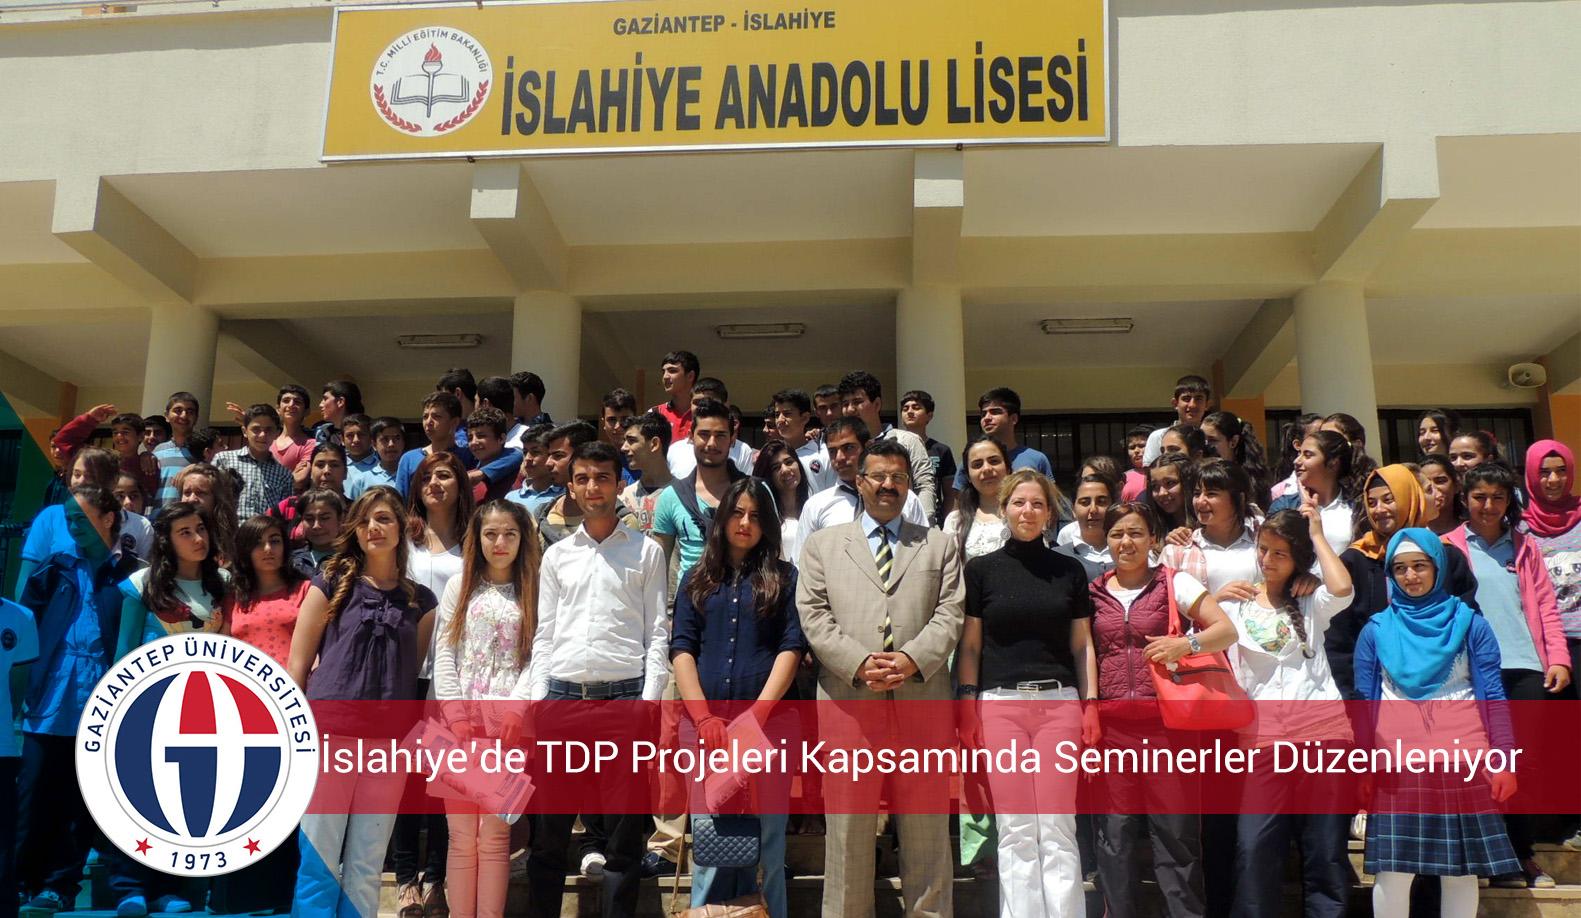 İslahiye'de TDP Projeleri Kapsamında Seminerler Düzenleniyor